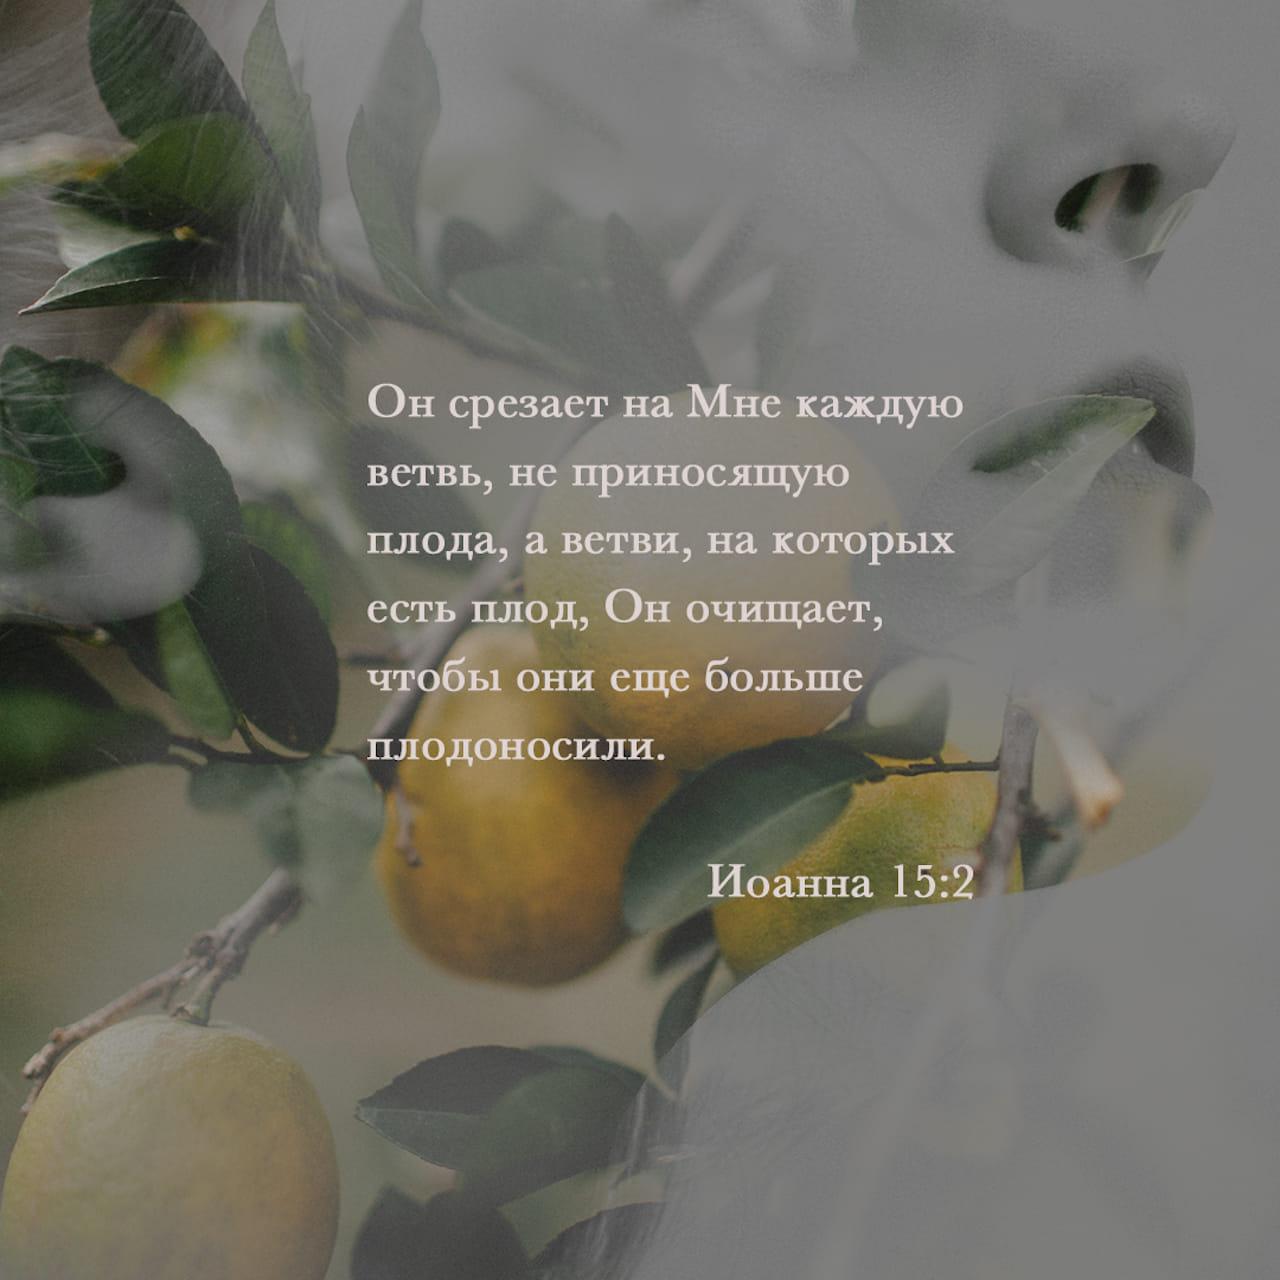 Всякую у Меня ветвь, не приносящую плода, Он отсекает; и всякую, приносящую плод, очищает, чтобы более принесла плода. - Иоанна 15:2 - фото-стих